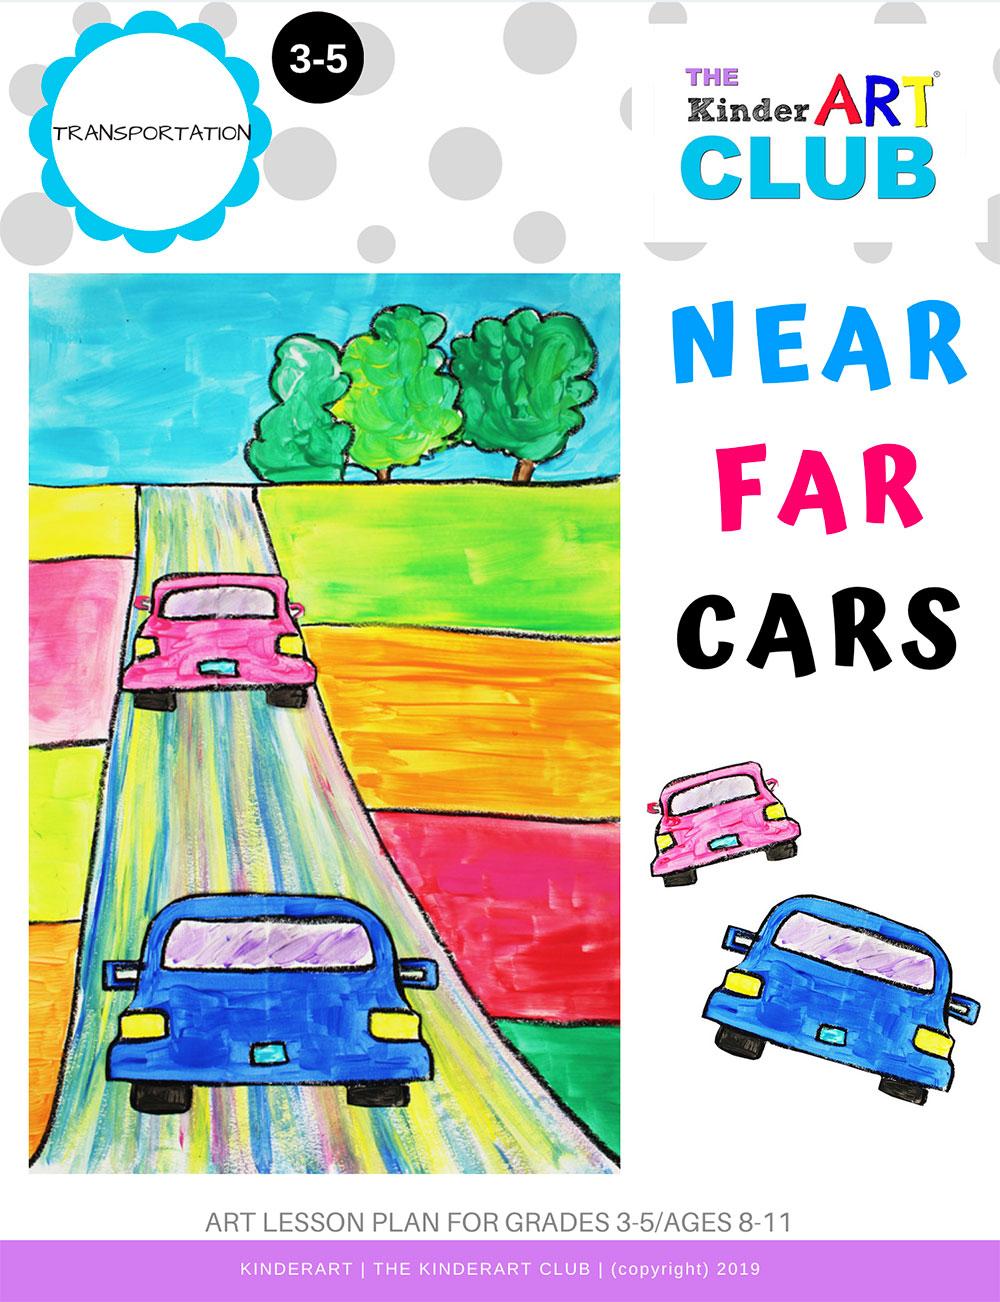 nearfarcars